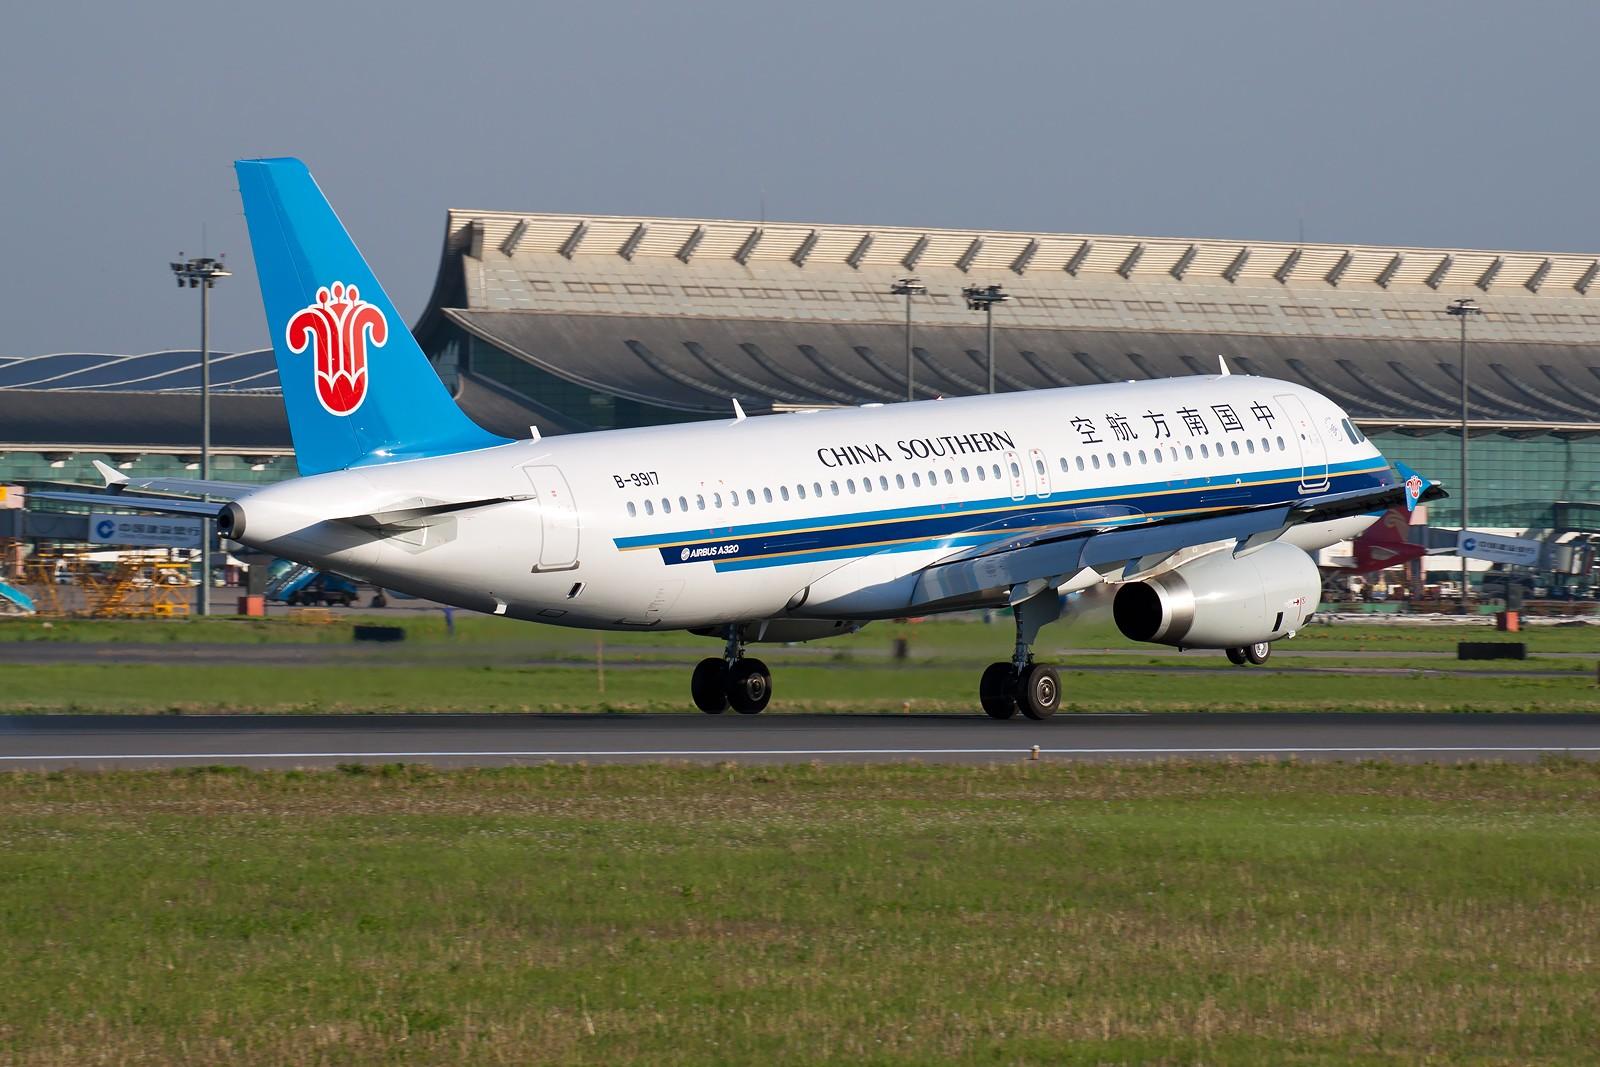 Re:[原创]周末SHE拍机组图【20P】 AIRBUS A320-232 B-9917 中国沈阳桃仙机场